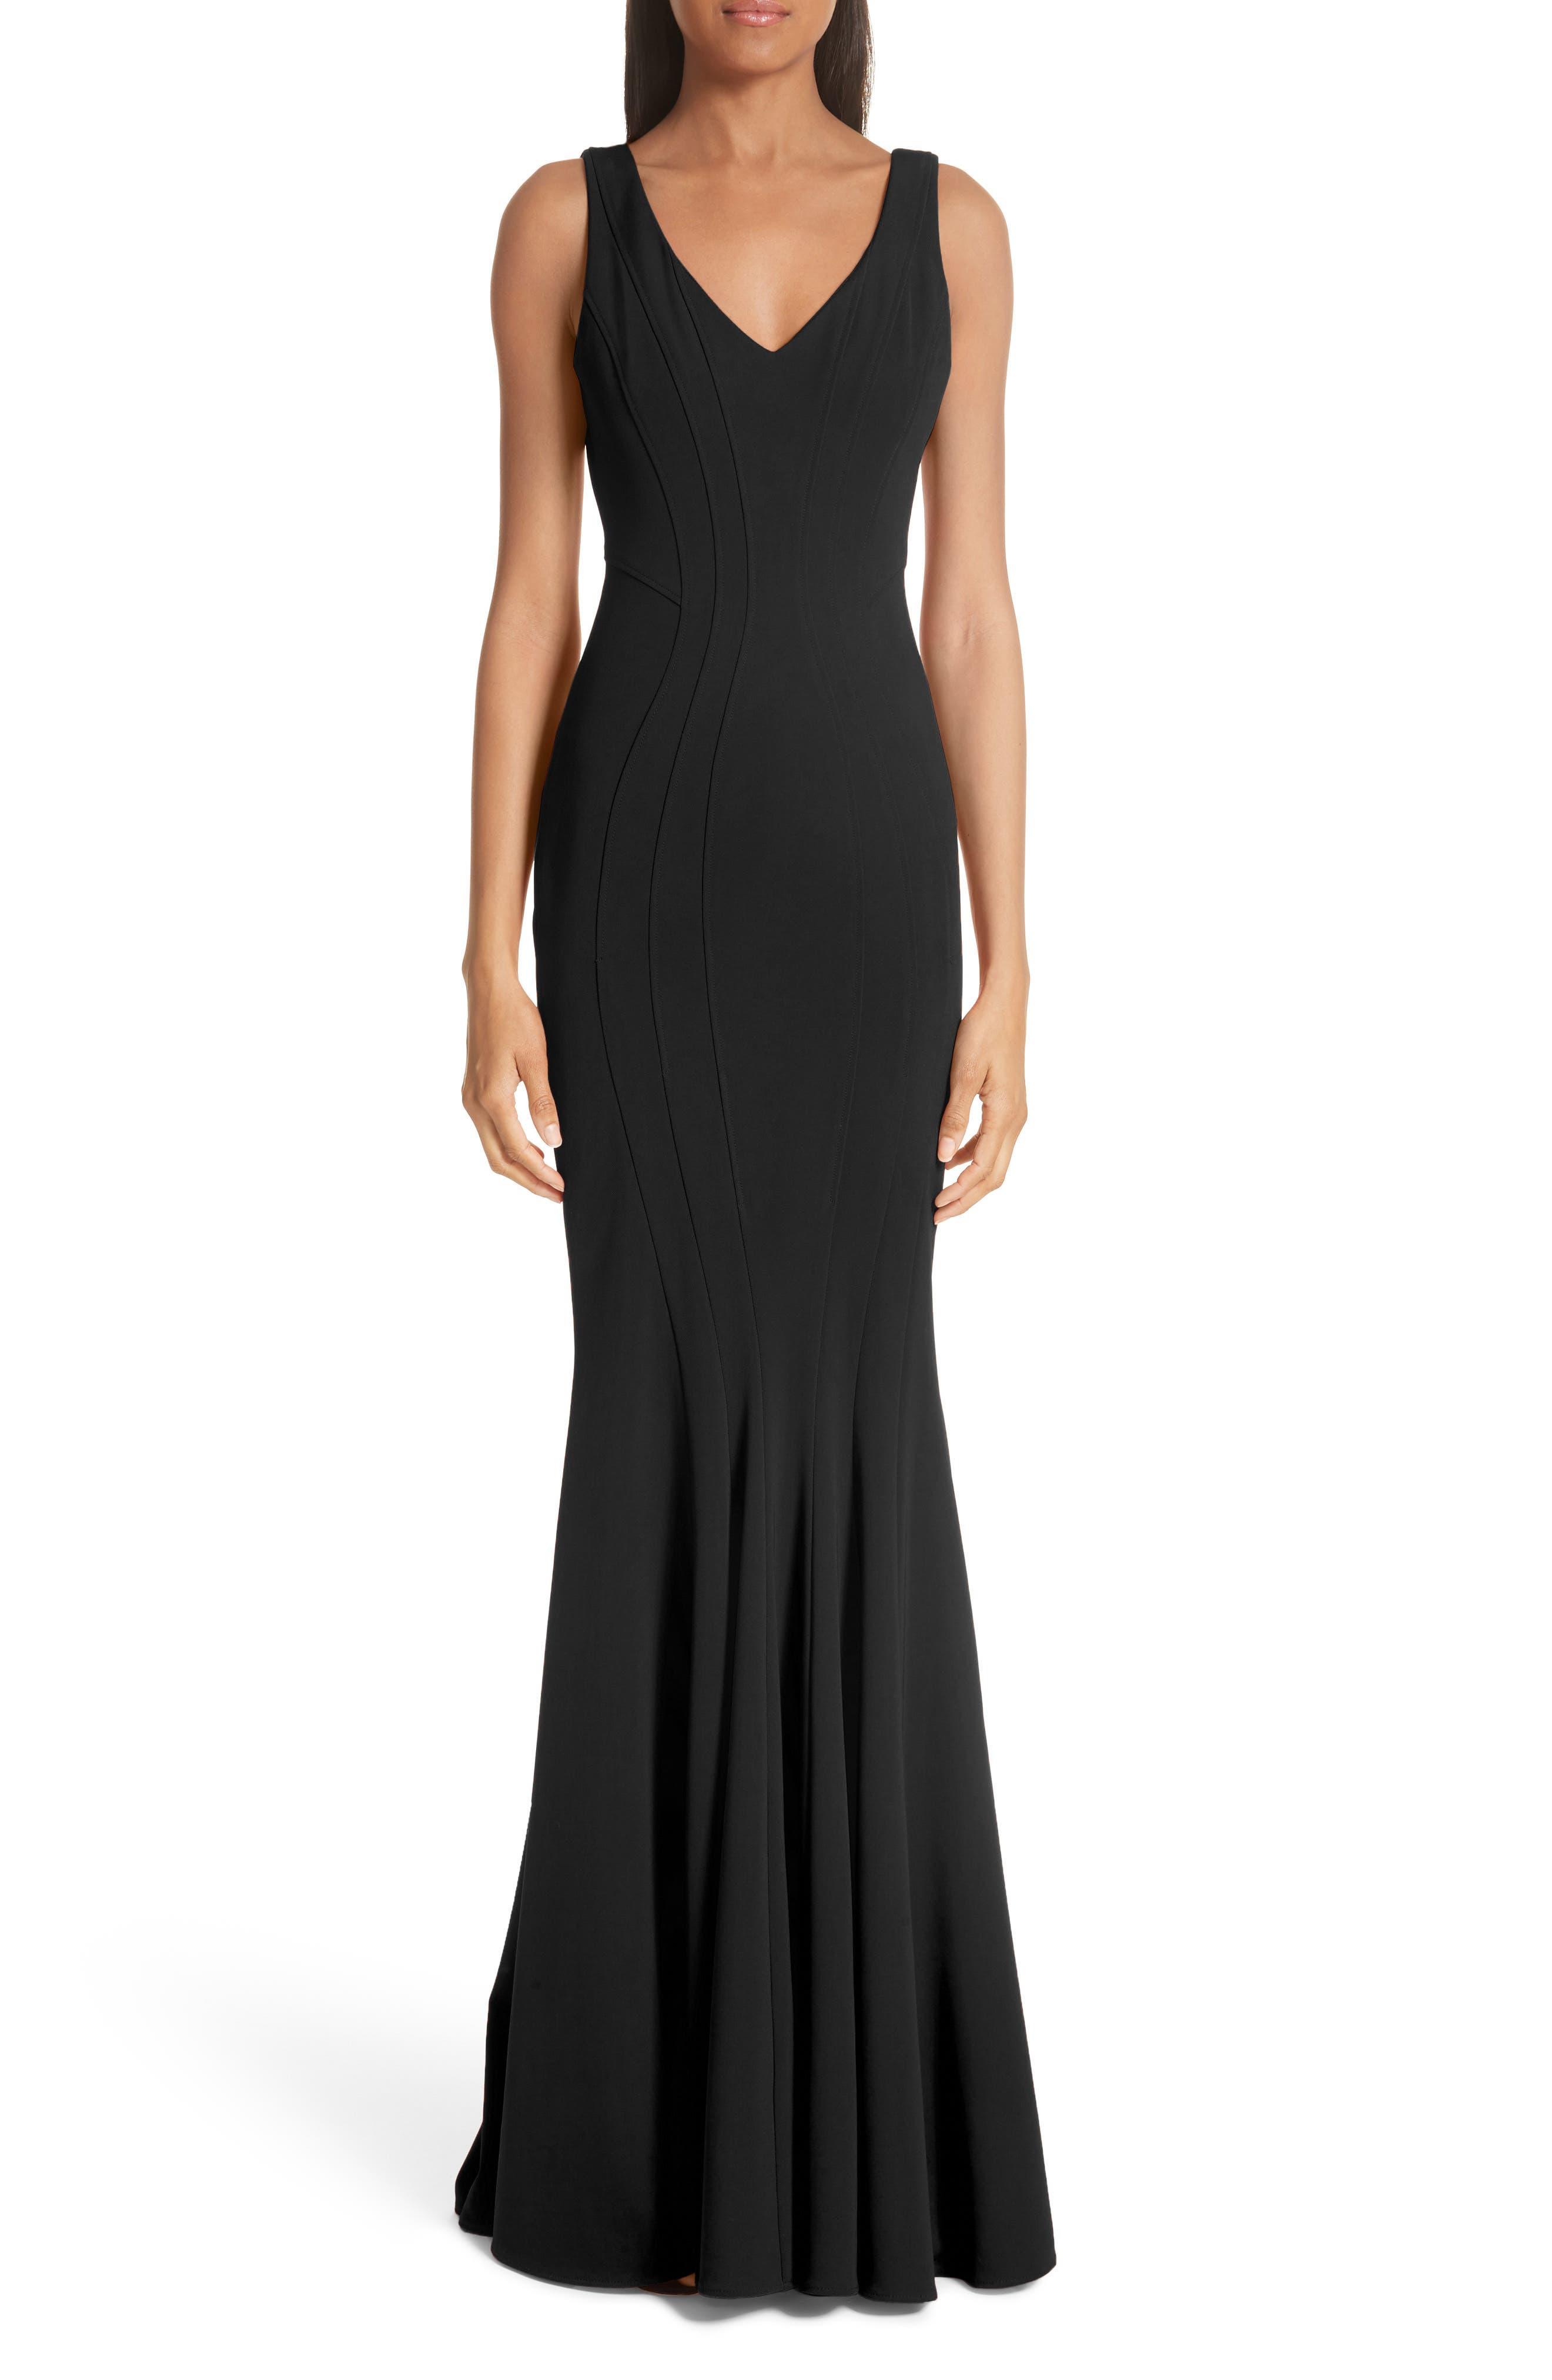 Zac Zac Posen Ronnie Mermaid Gown, Black